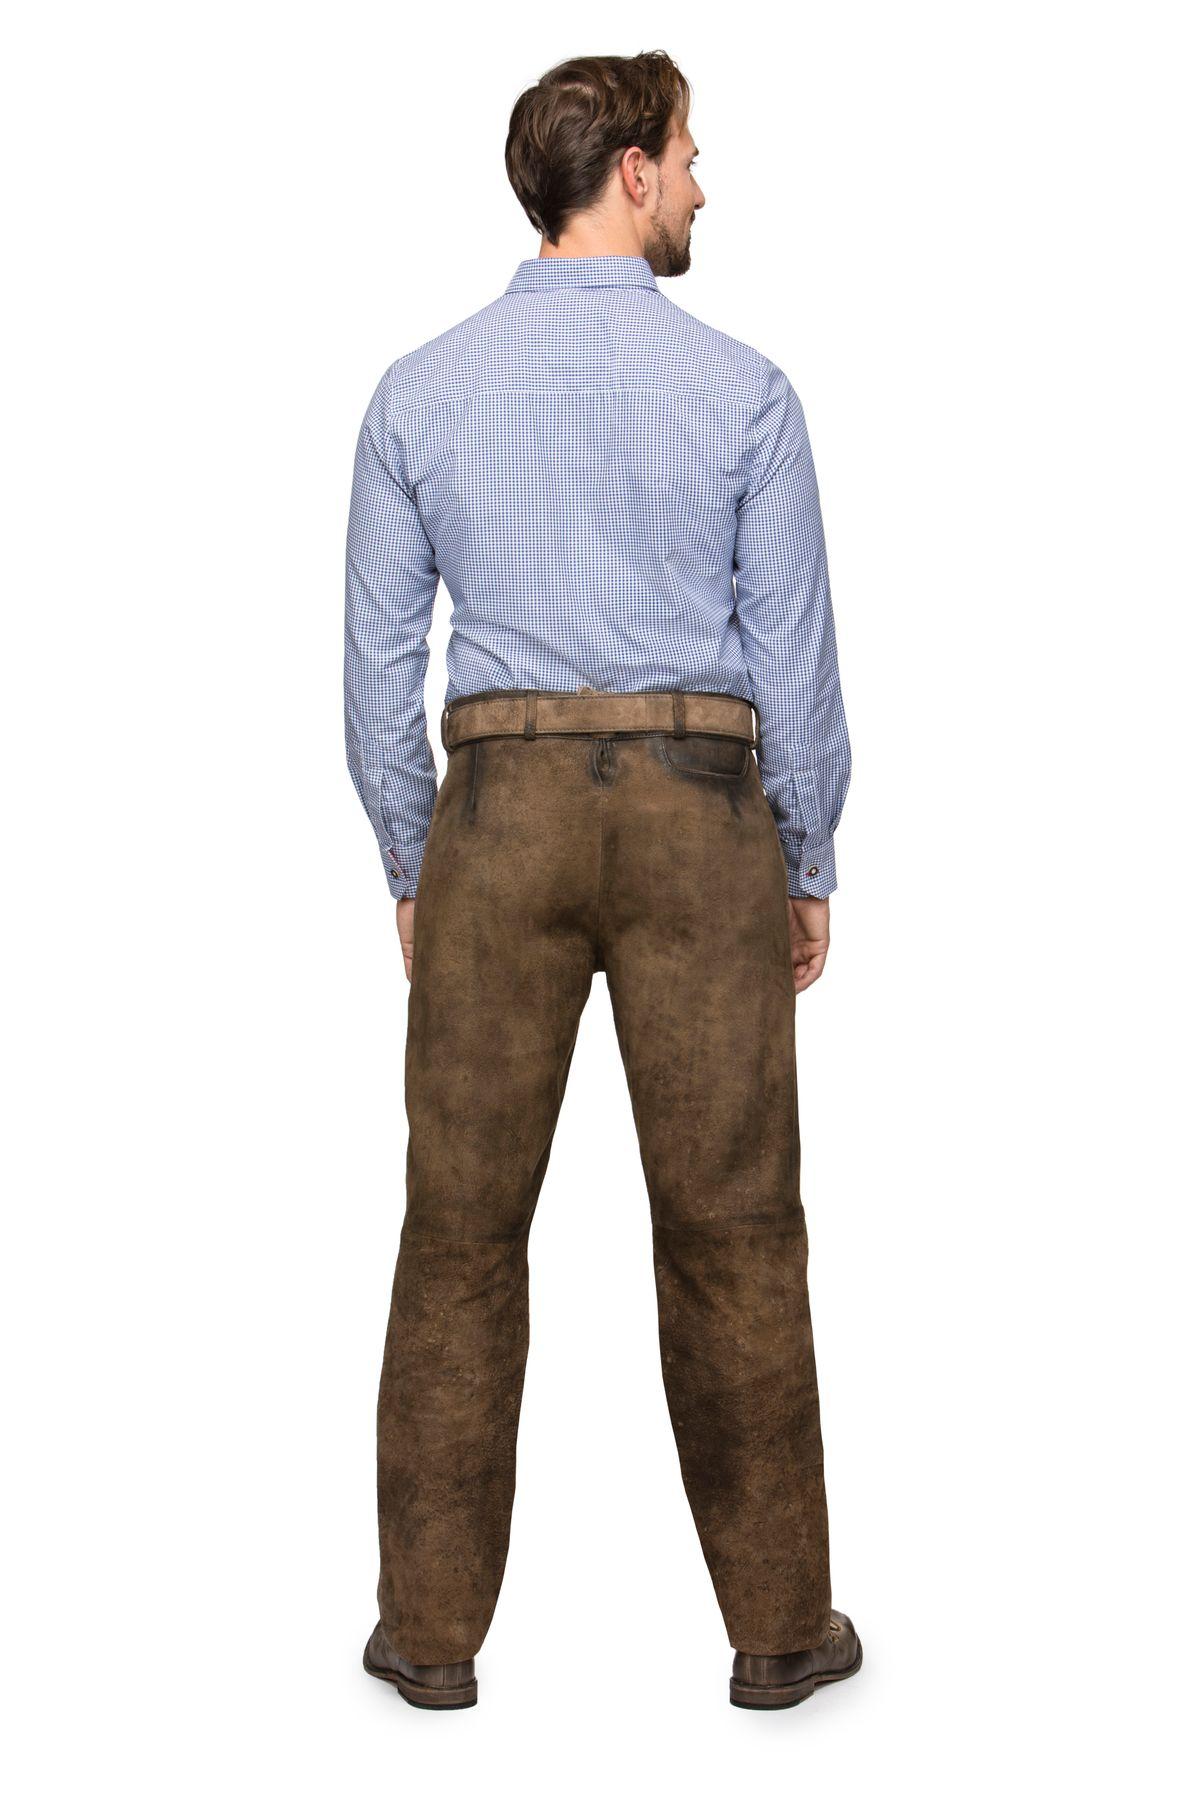 Stockerpoint - Herren Trachtenhemd,Dave2 – Bild 14